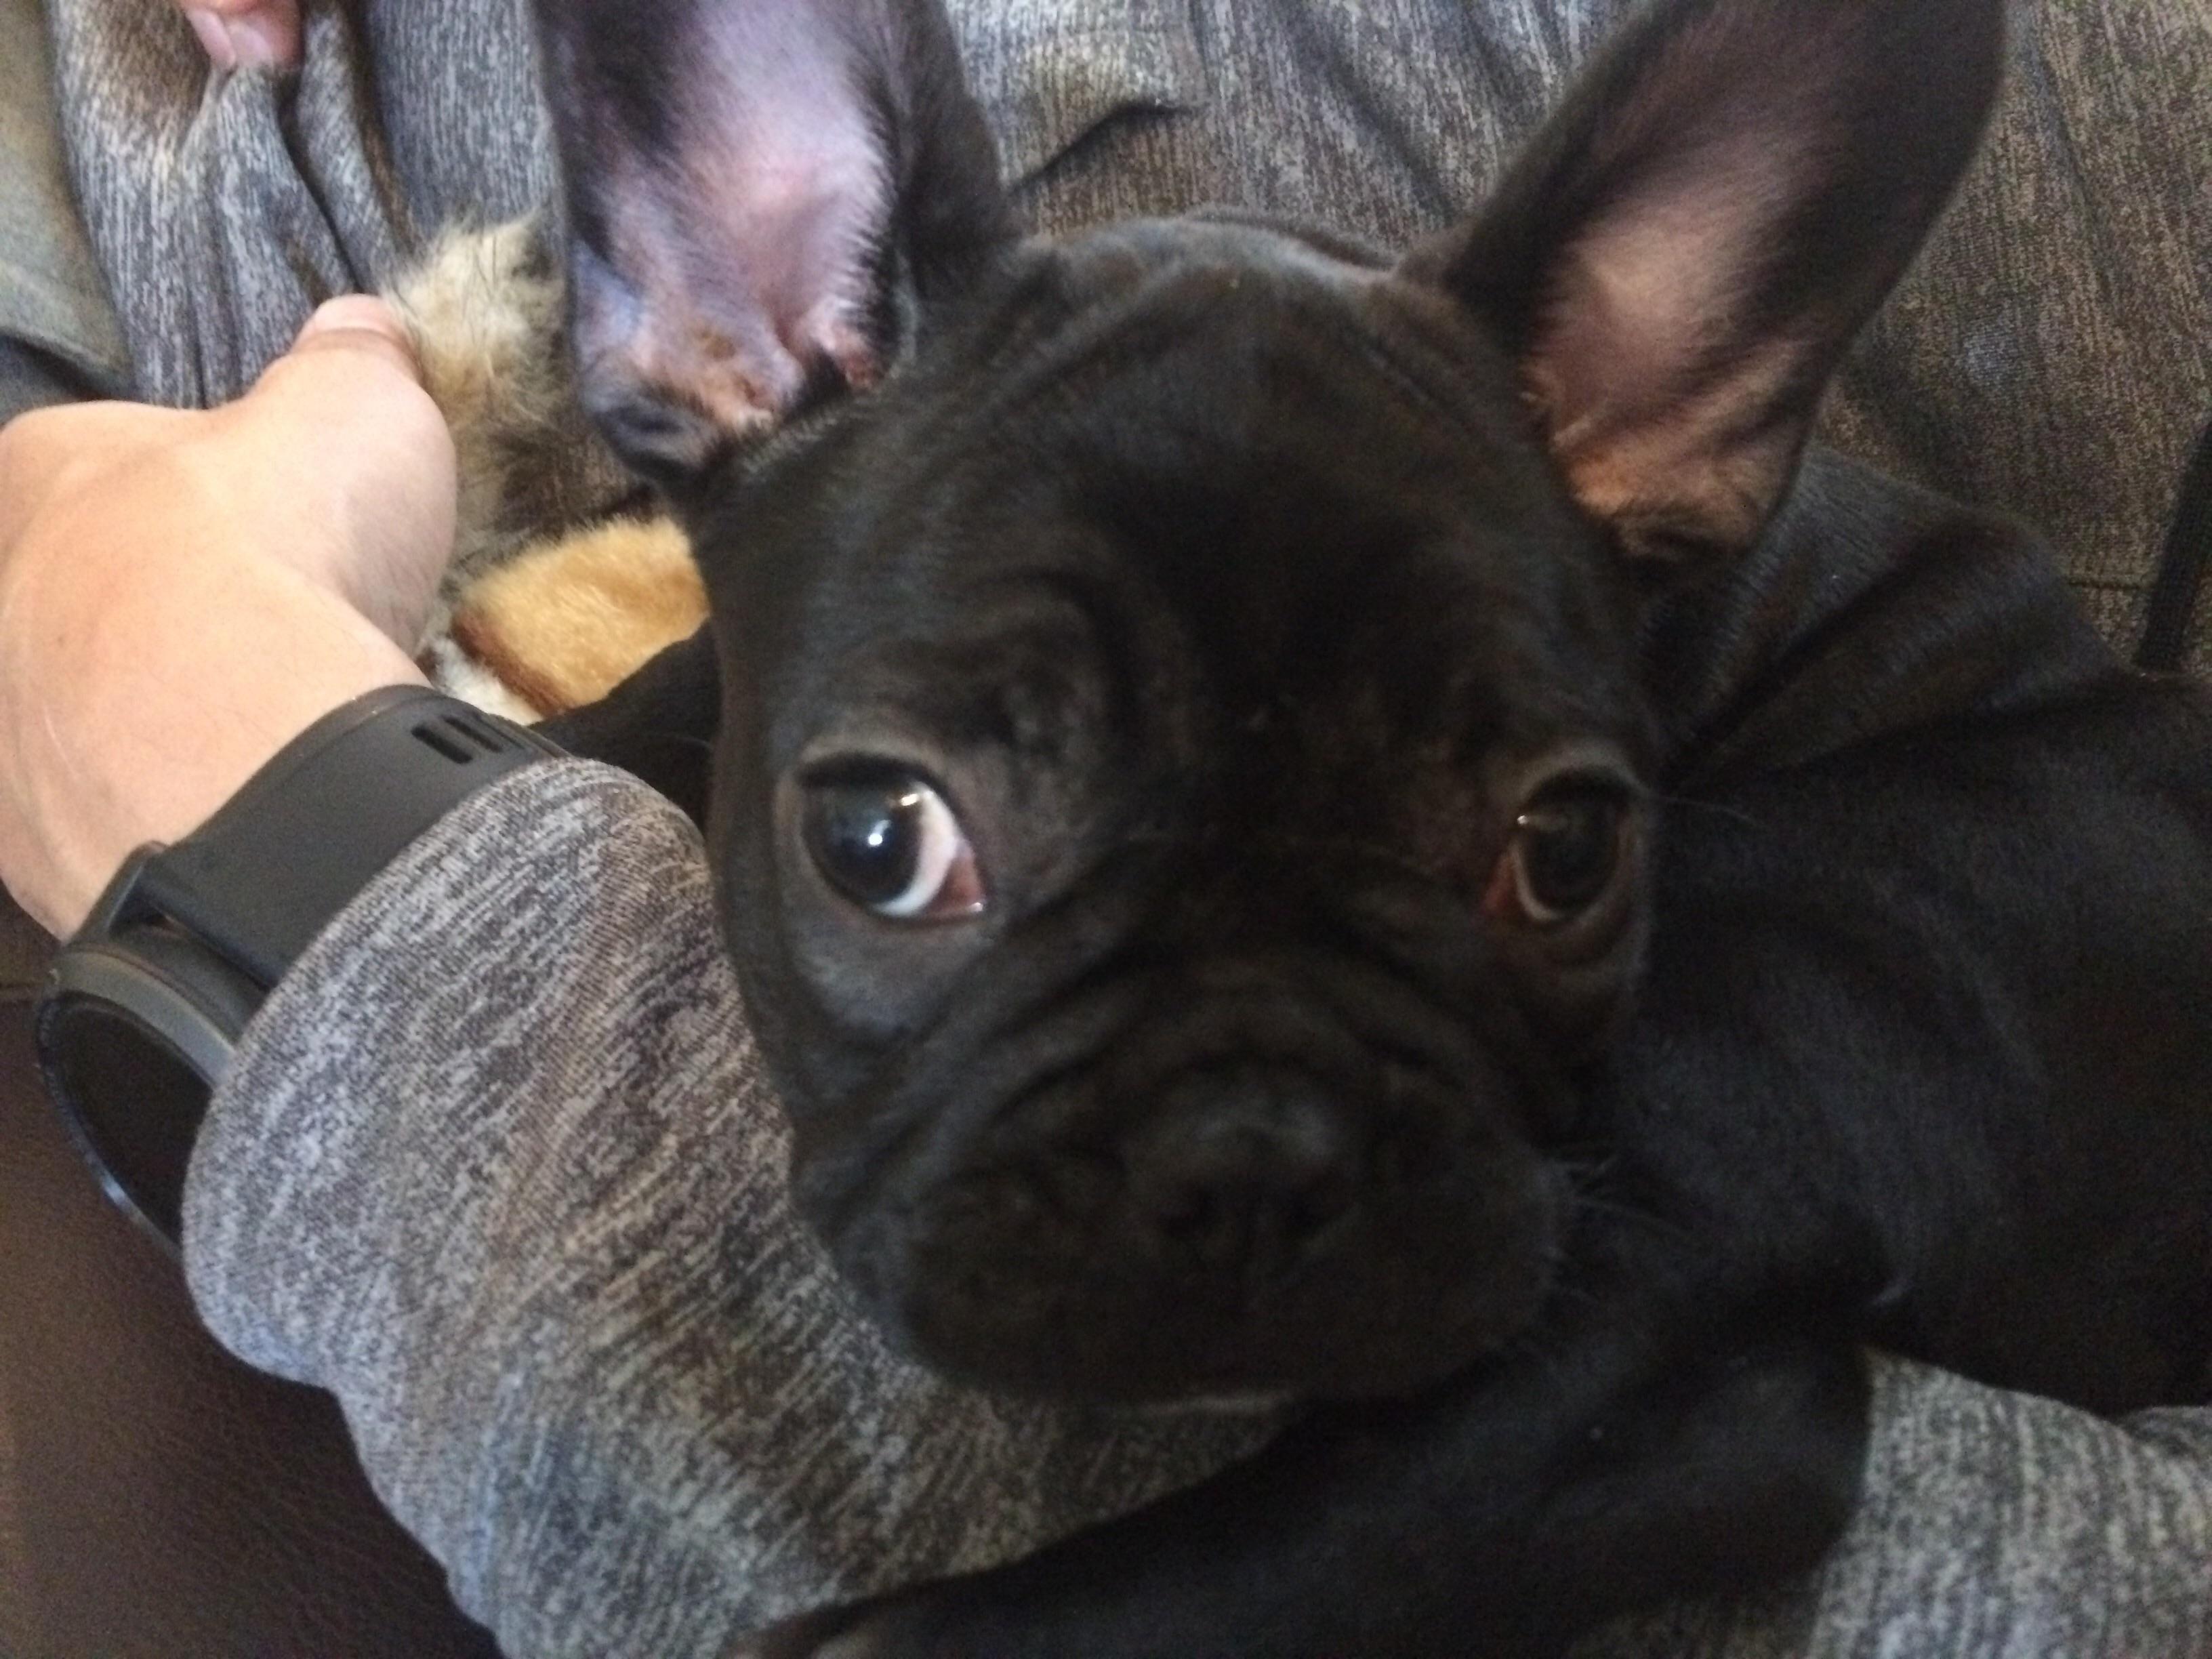 Reddit meet Mimi! http://ift.tt/2r55xIB